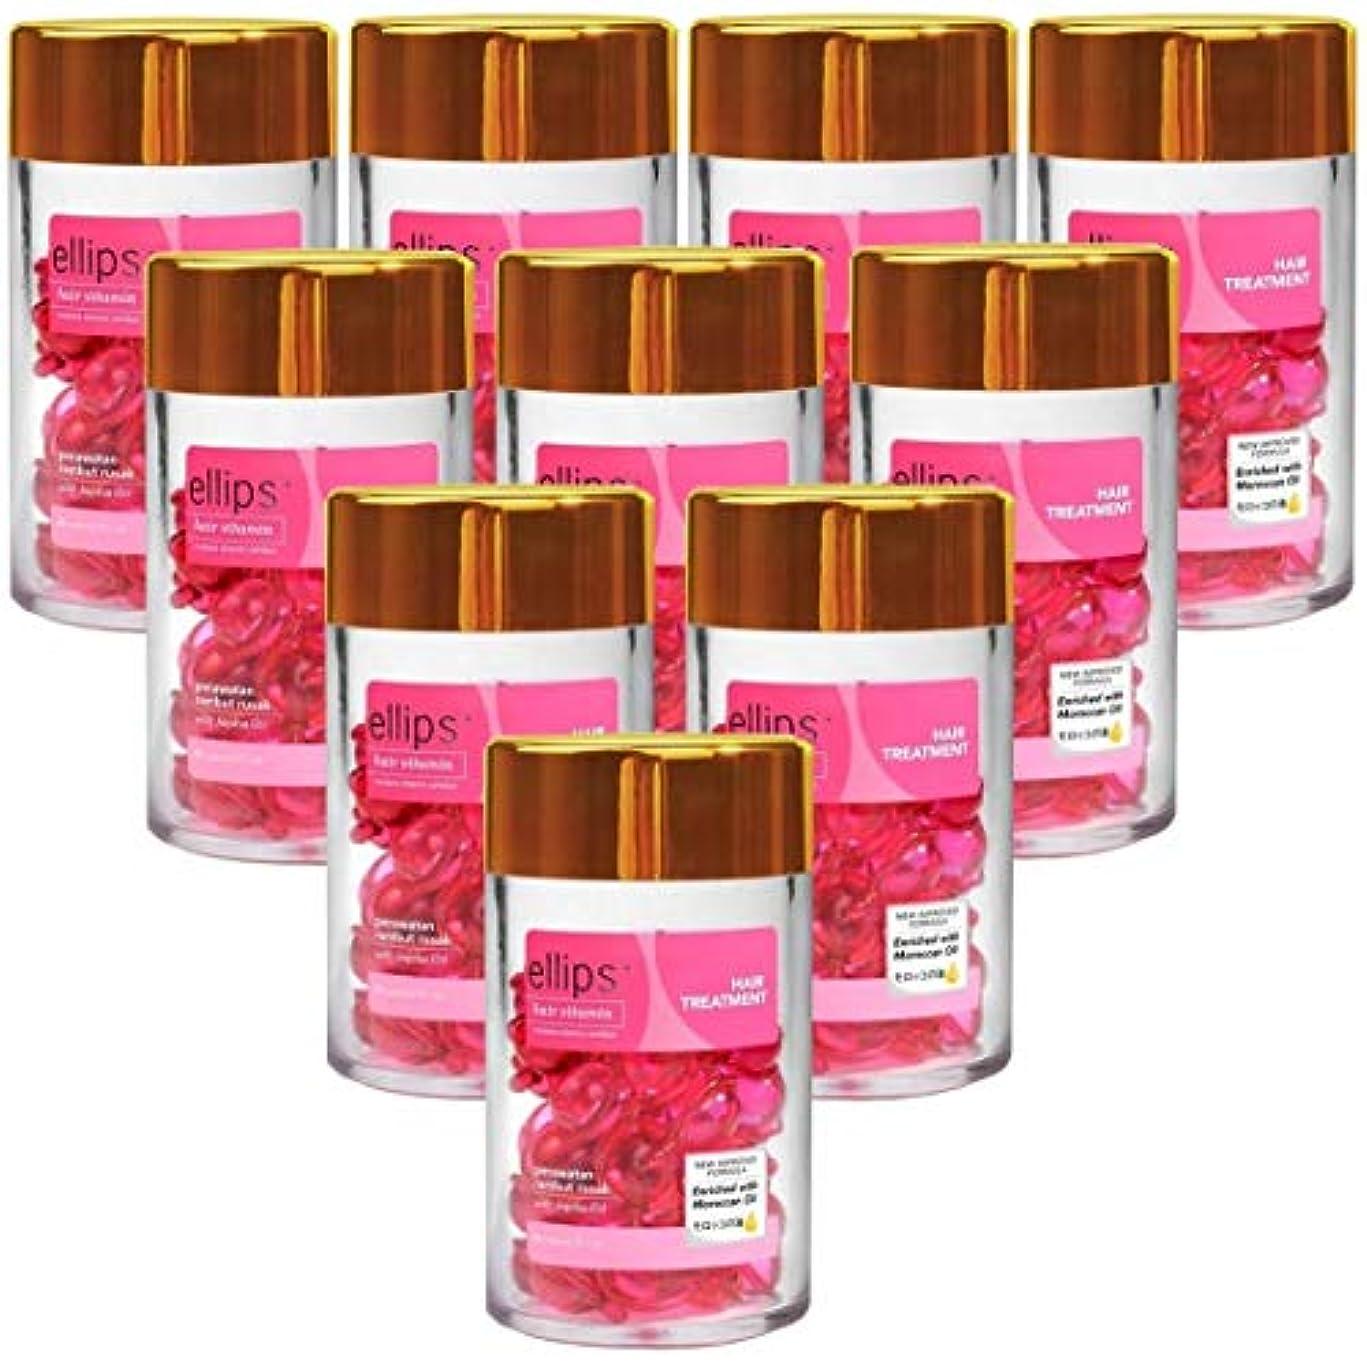 地区デマンド酸素エリップス ellips ヘアビタミン ヘアトリートメント 50粒 ボトル ピンク お得な10本セット [並行輸入品]